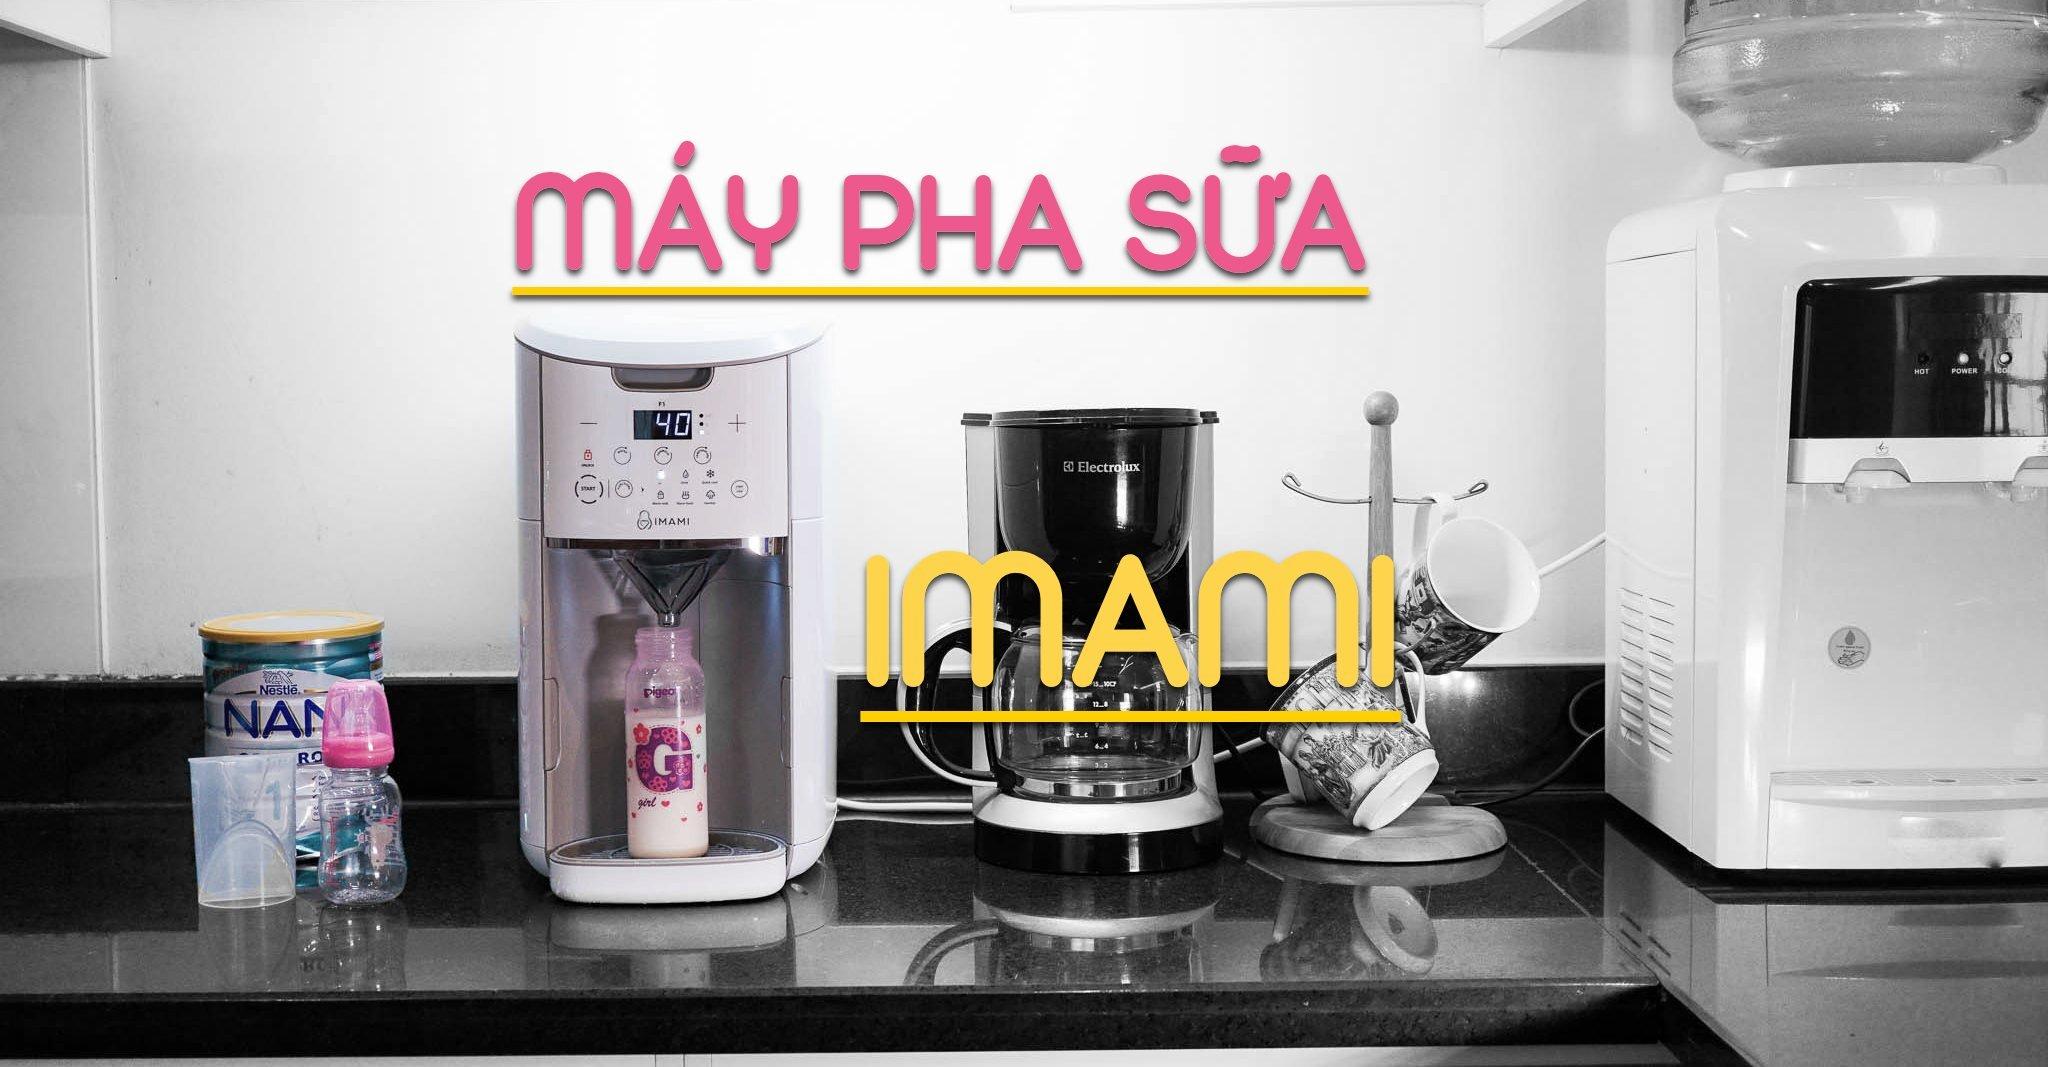 Máy pha sữa đa năng Imami.